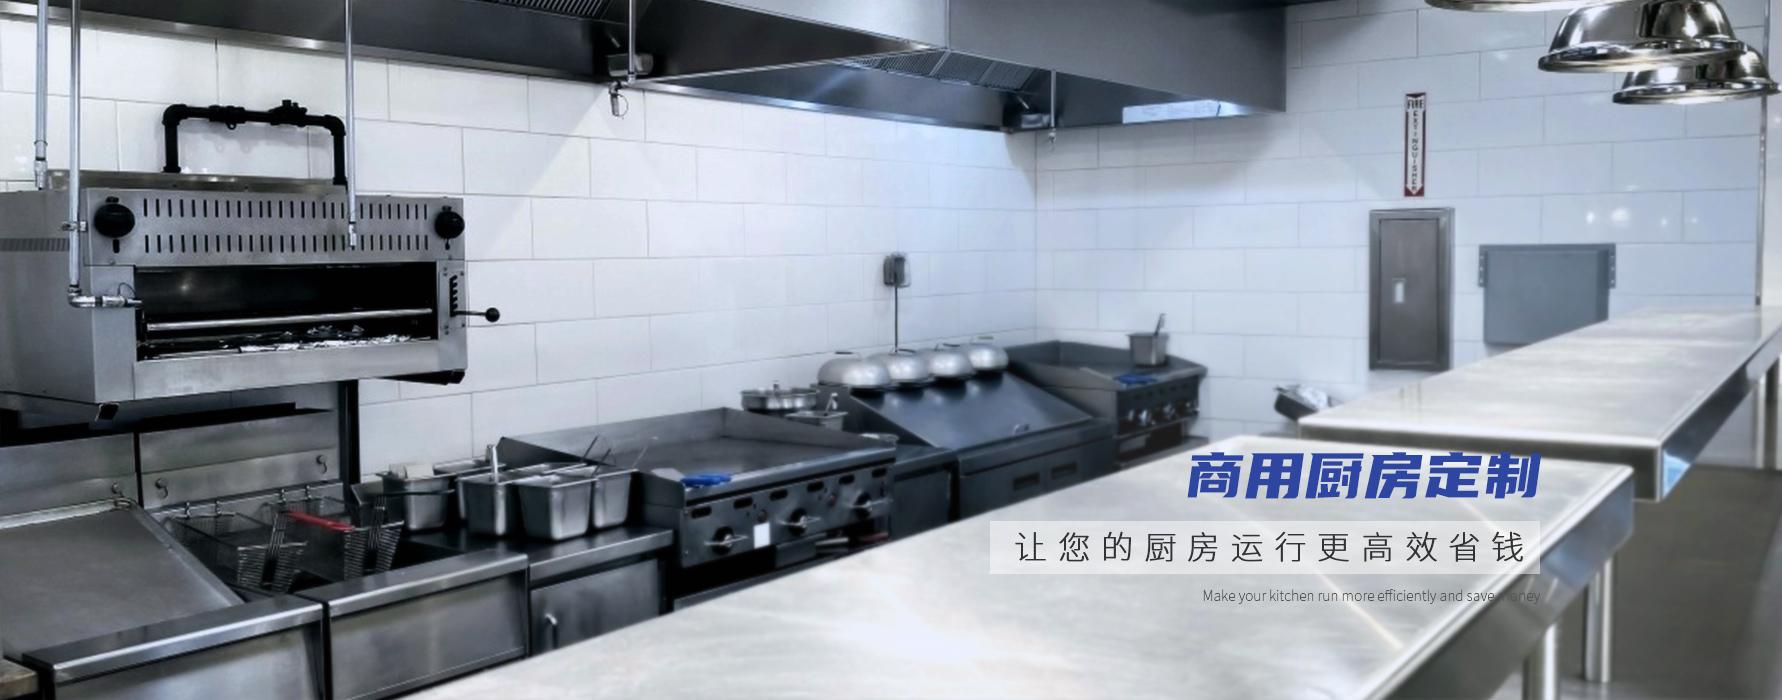 西安厨房设备